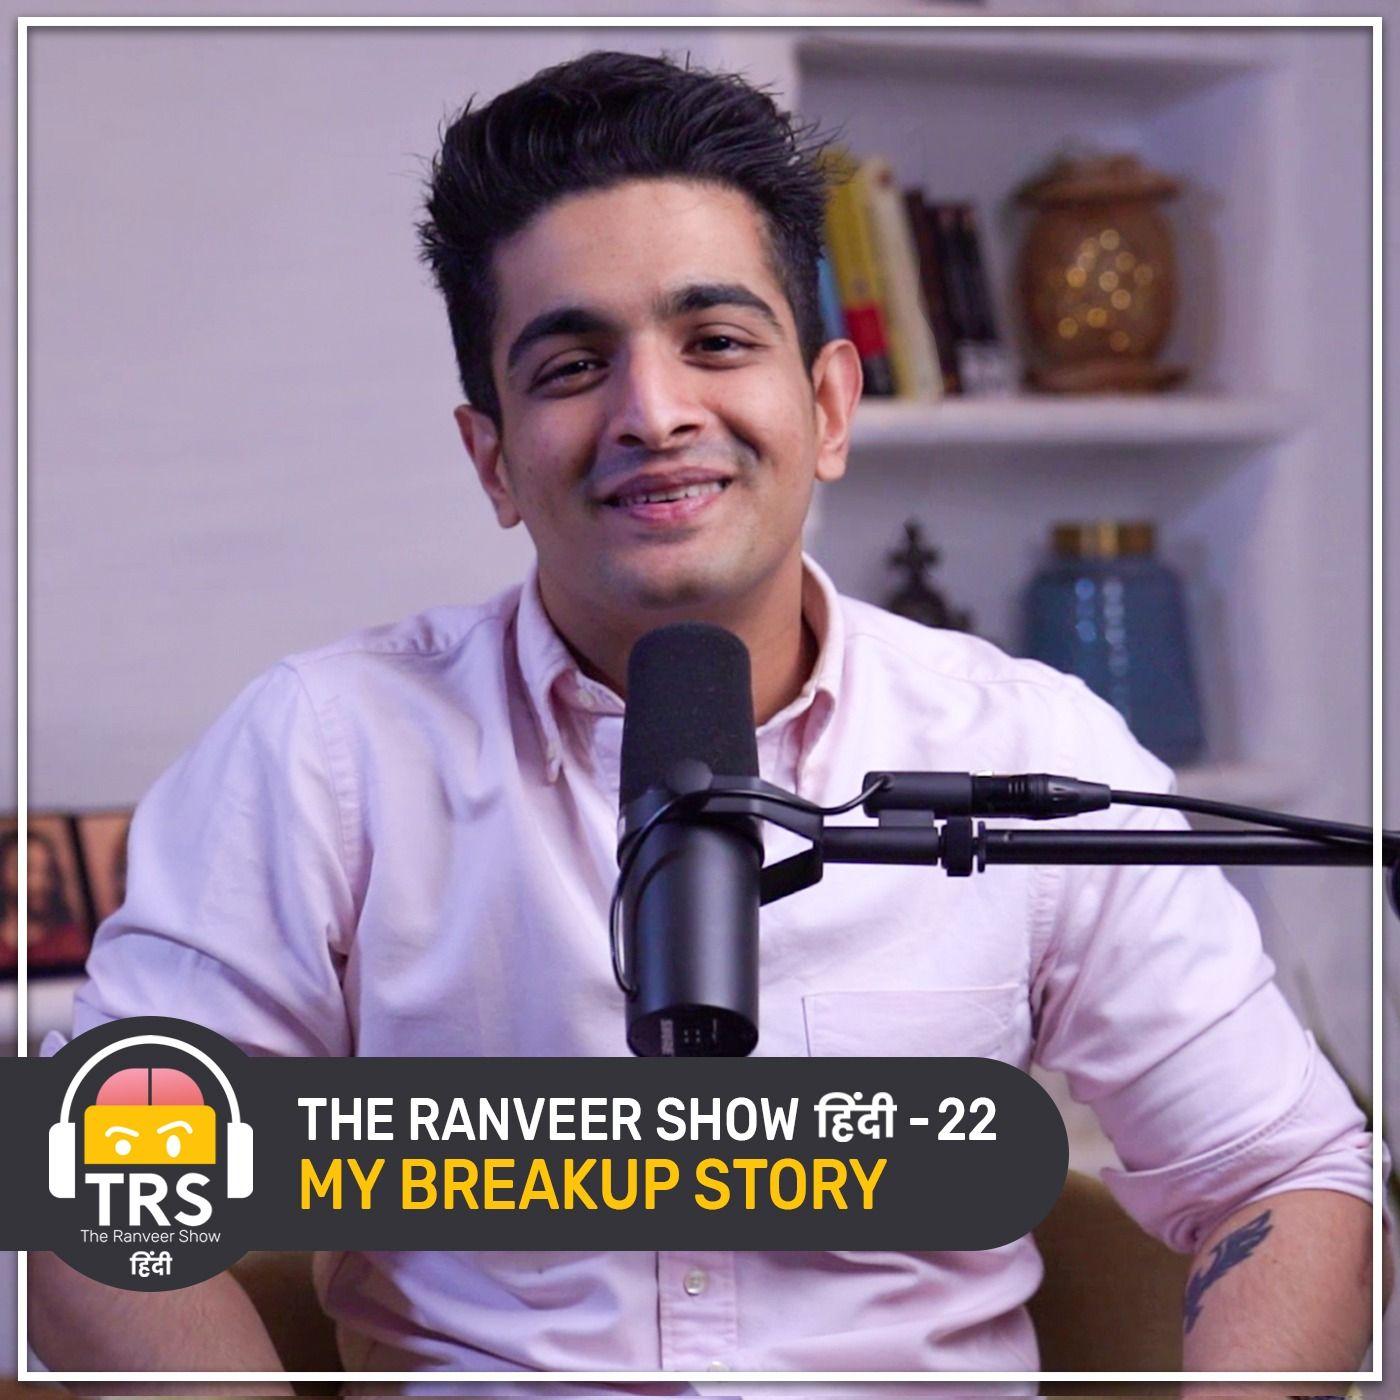 Mere ASLI Pyaar Ki Kahaani | BeerBiceps Breakup - Valentine's Special | The Ranveer Show हिंदी 22